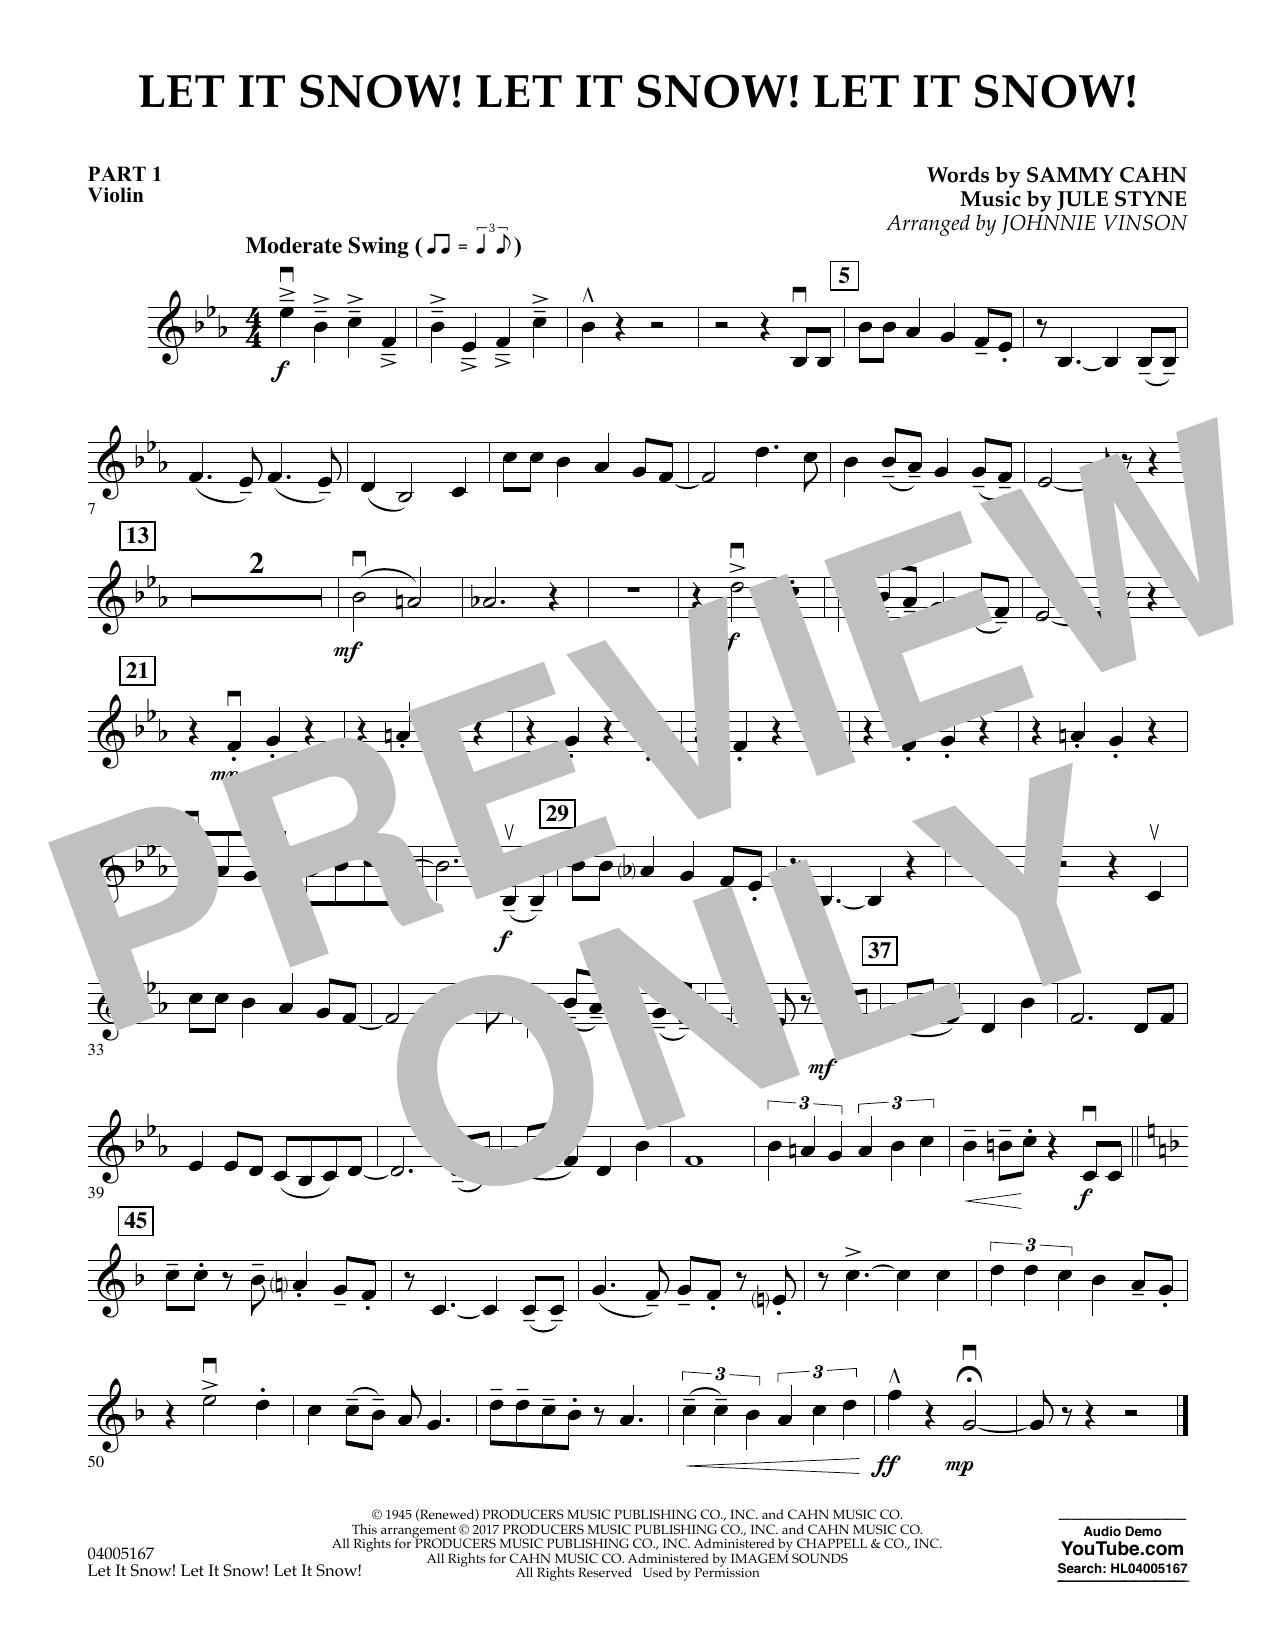 Let It Snow! Let It Snow! Let It Snow! - Pt.1 - Violin (Concert Band)